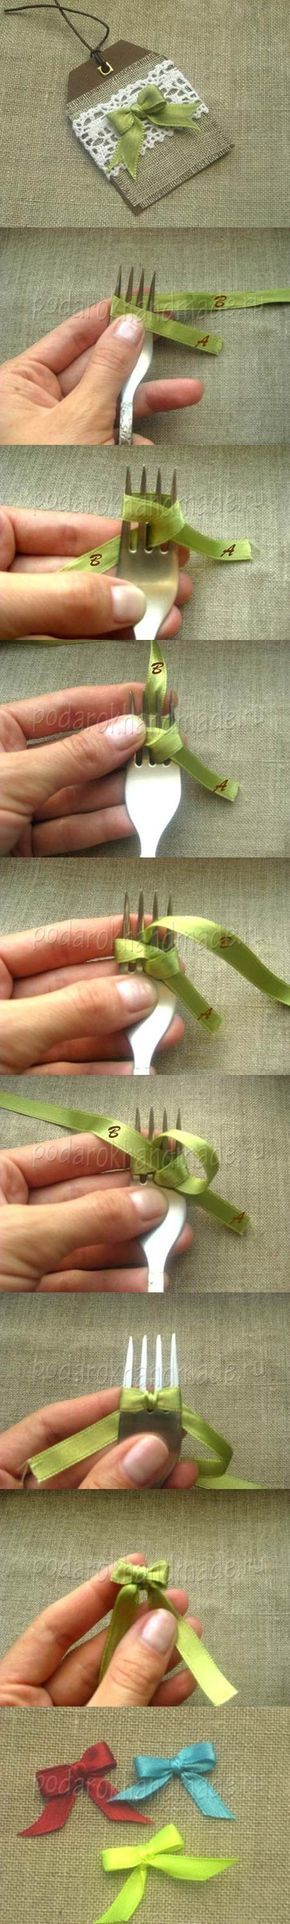 Wie man einfach eine kleine Geschenkschleife bindet - mit einer Gabel! <3